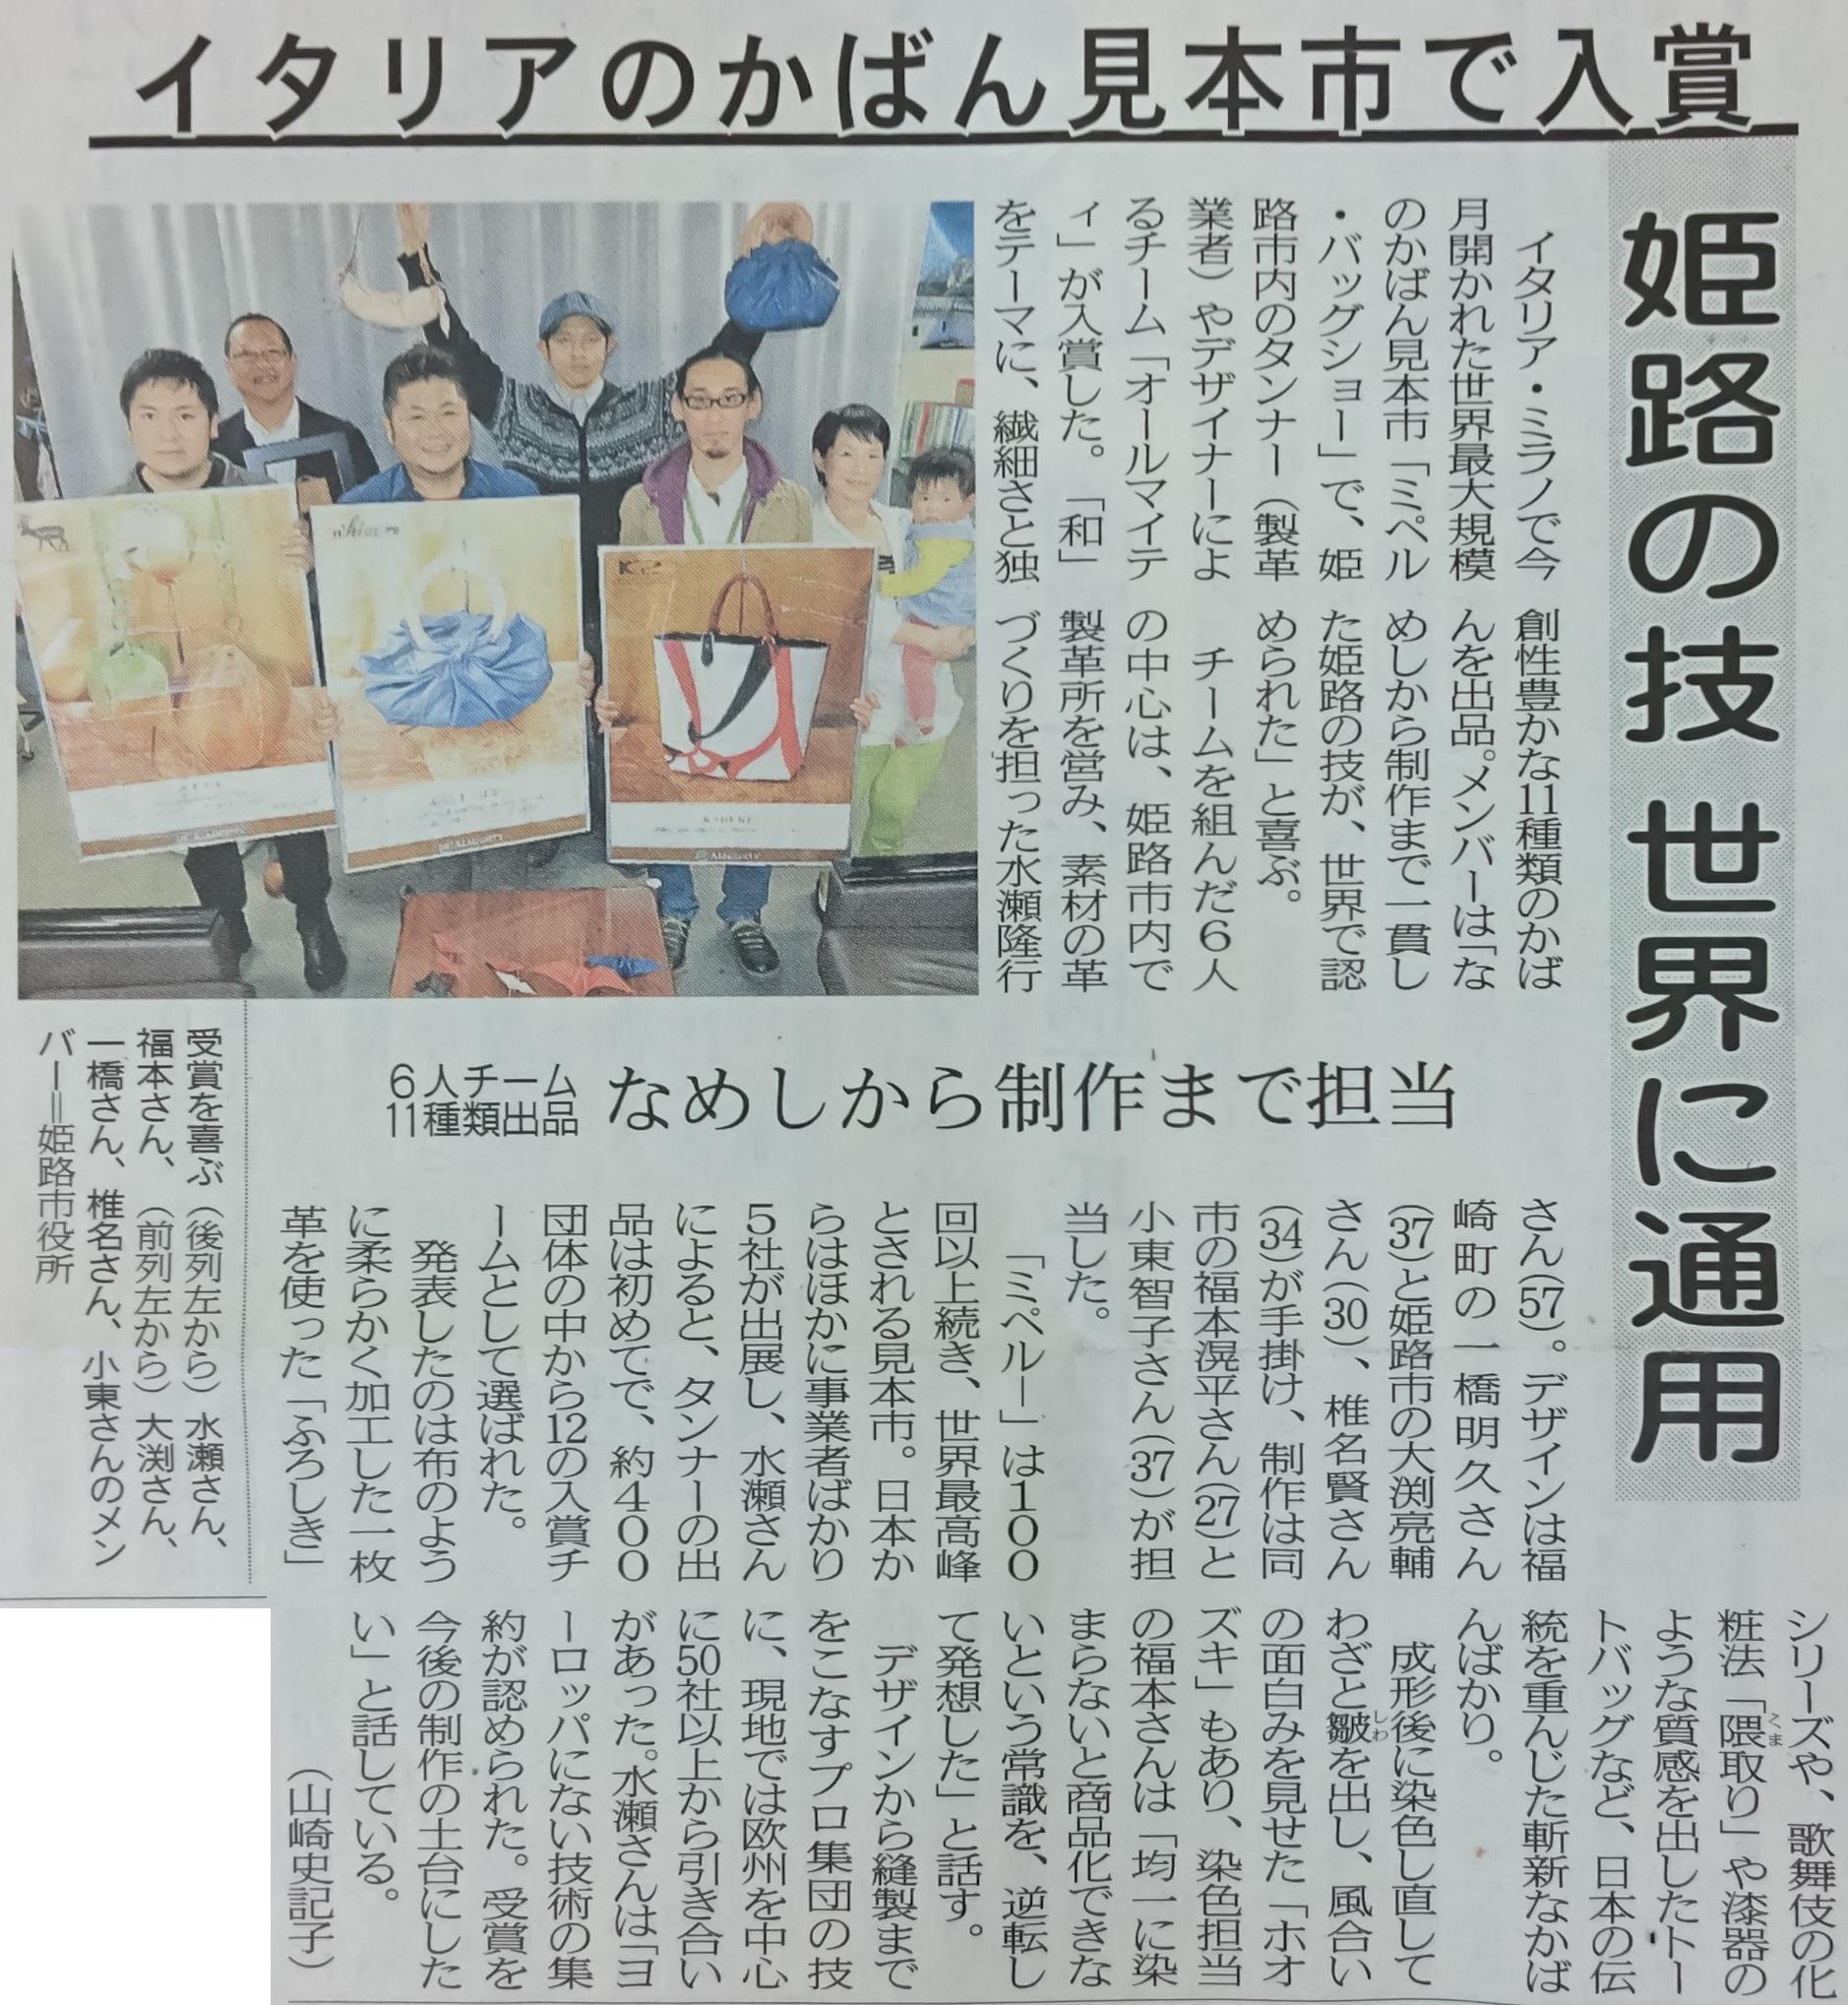 MIPEL_KOBE_NEWS